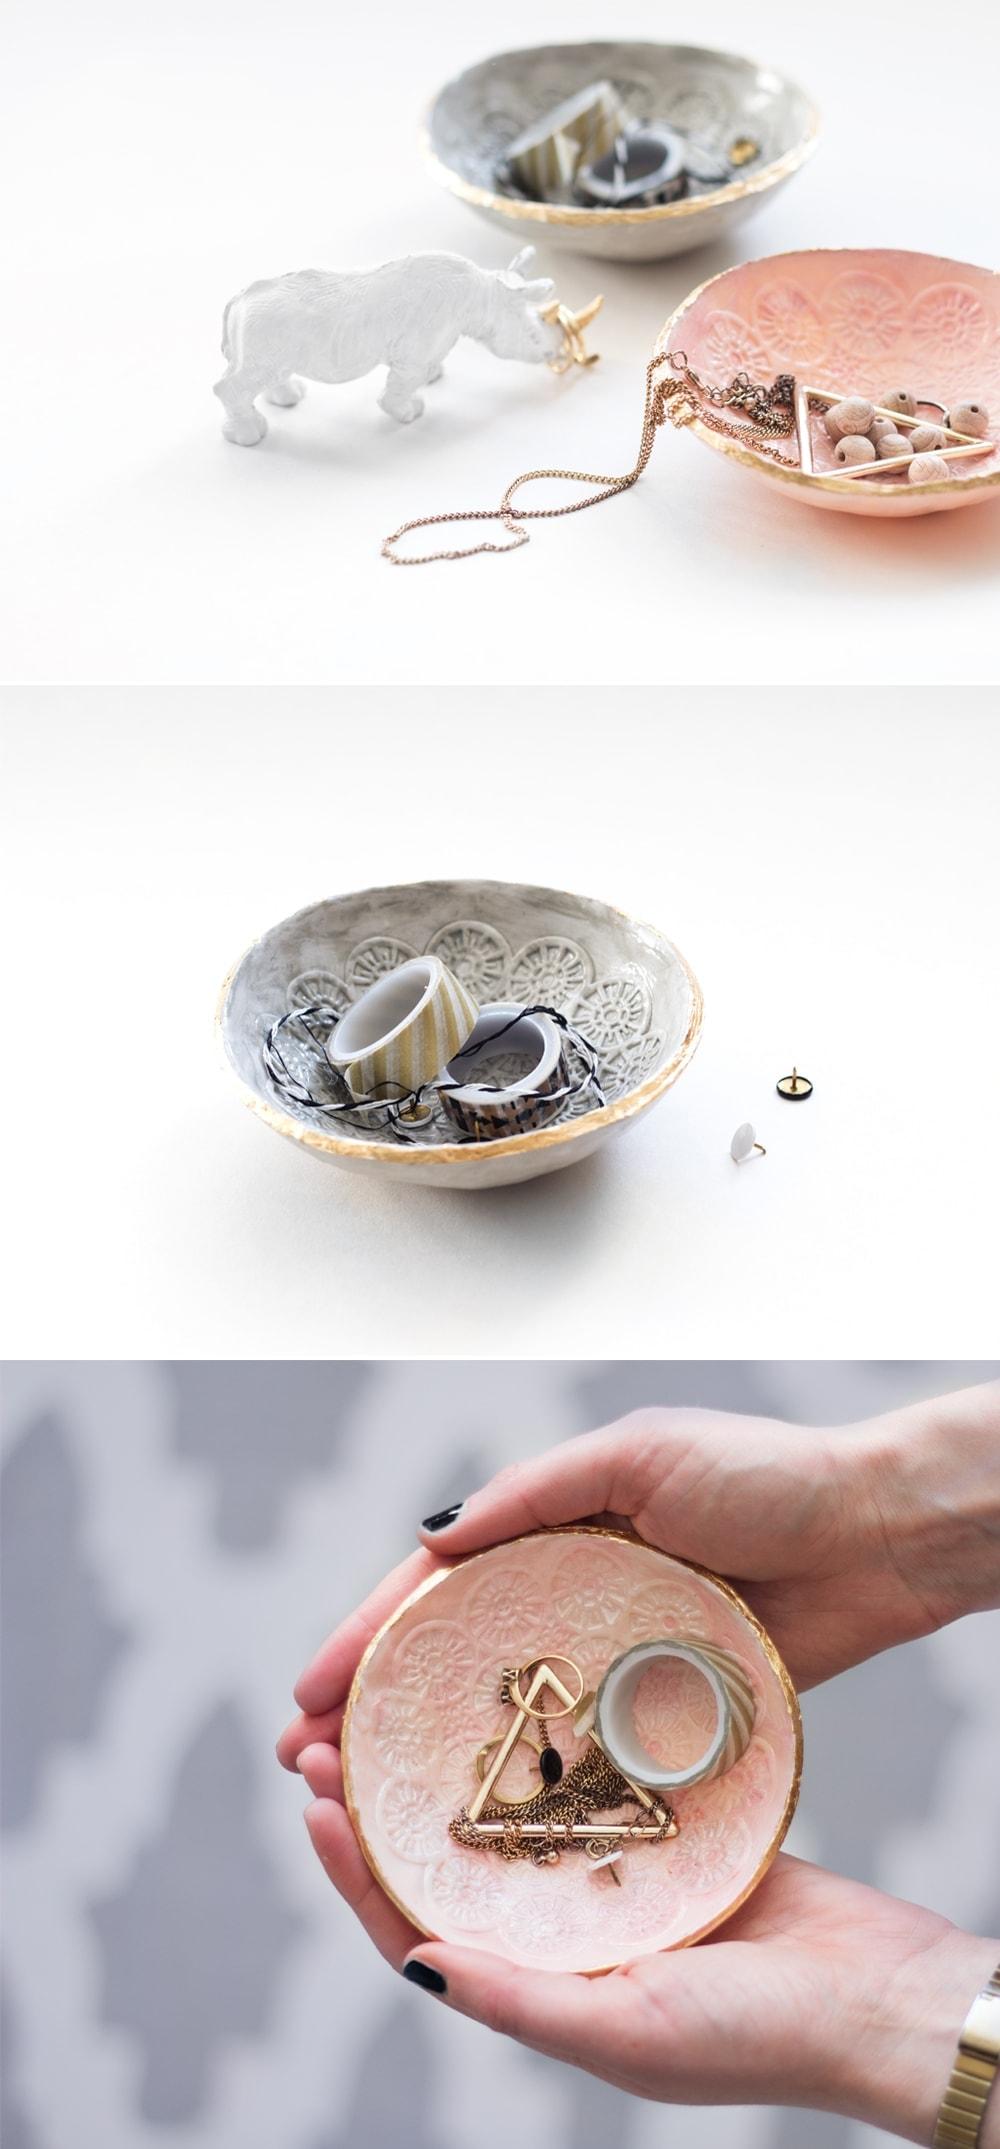 DIY clay bowls 2